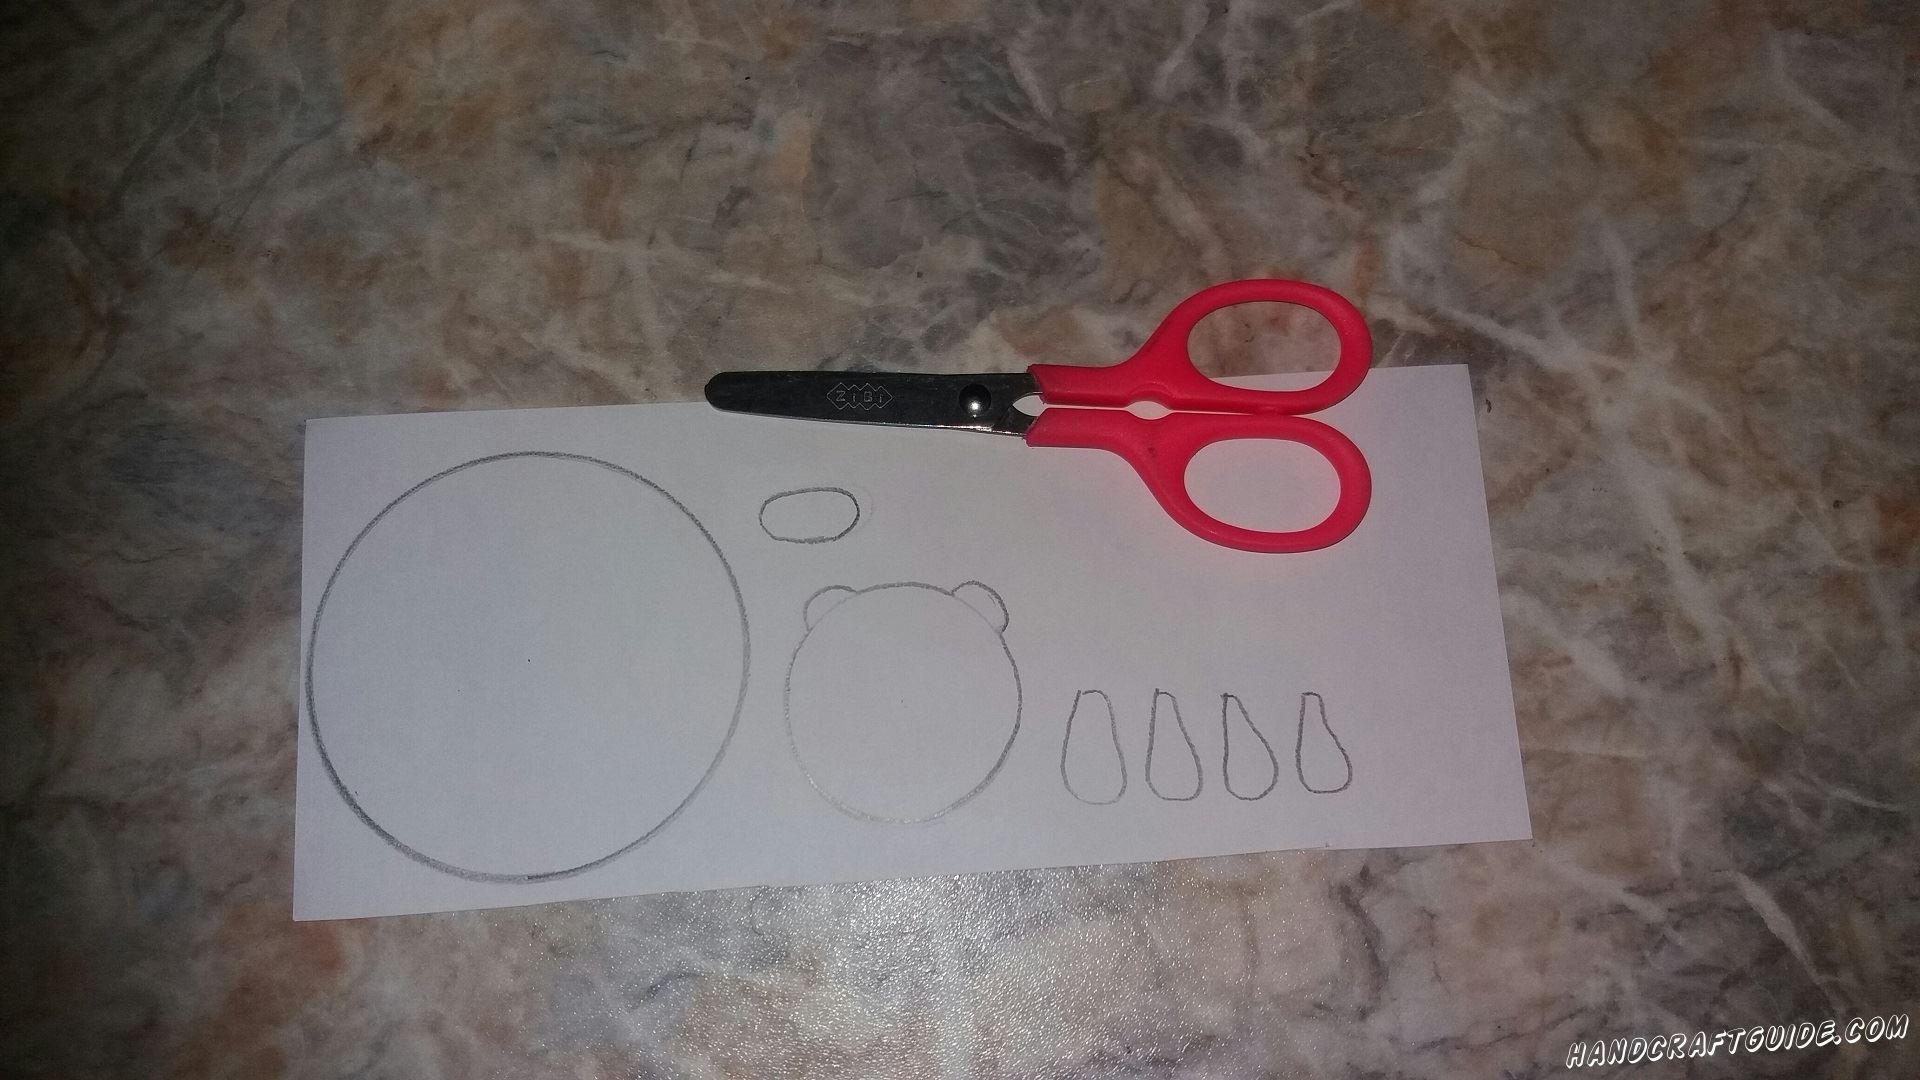 Подготовим все необходимые нам детальки. Берем белую бумагу и вырезаем большой круг, меньший круг с 2 ушками, 4 лапки и маленький овал